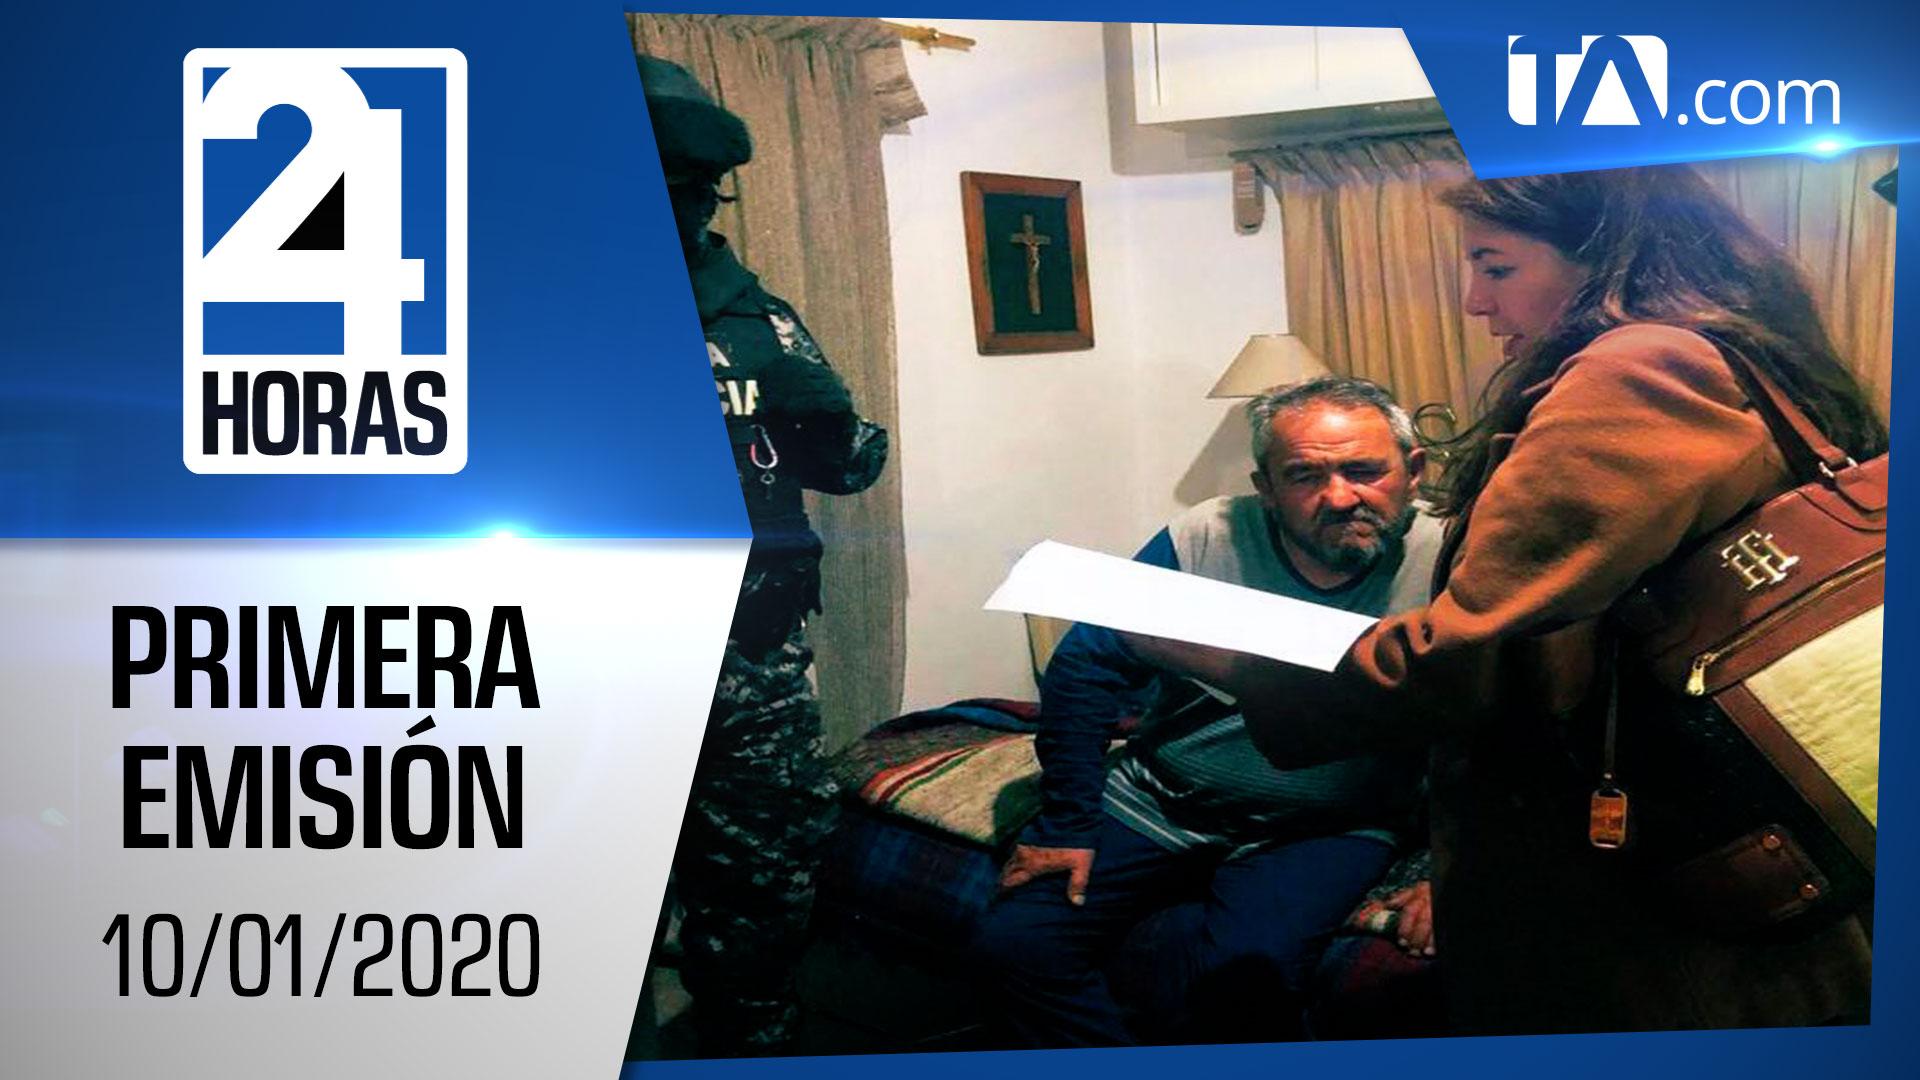 Noticias Ecuador: Noticiero 24 Horas 10/01/2020 (Primera Emisión)